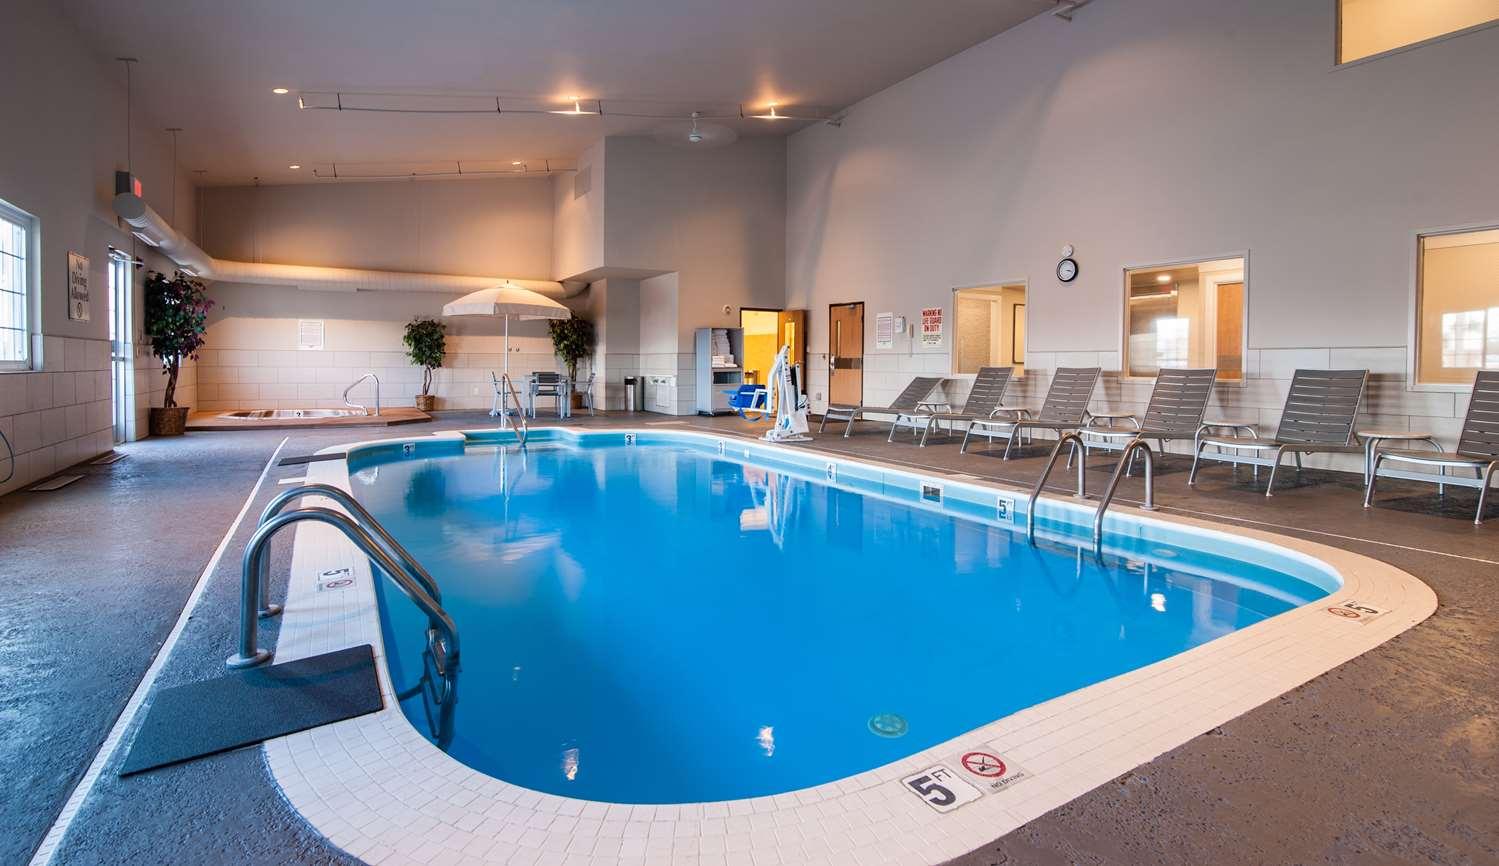 Pool - Best Western Plus University Park Inn & Suites Ames